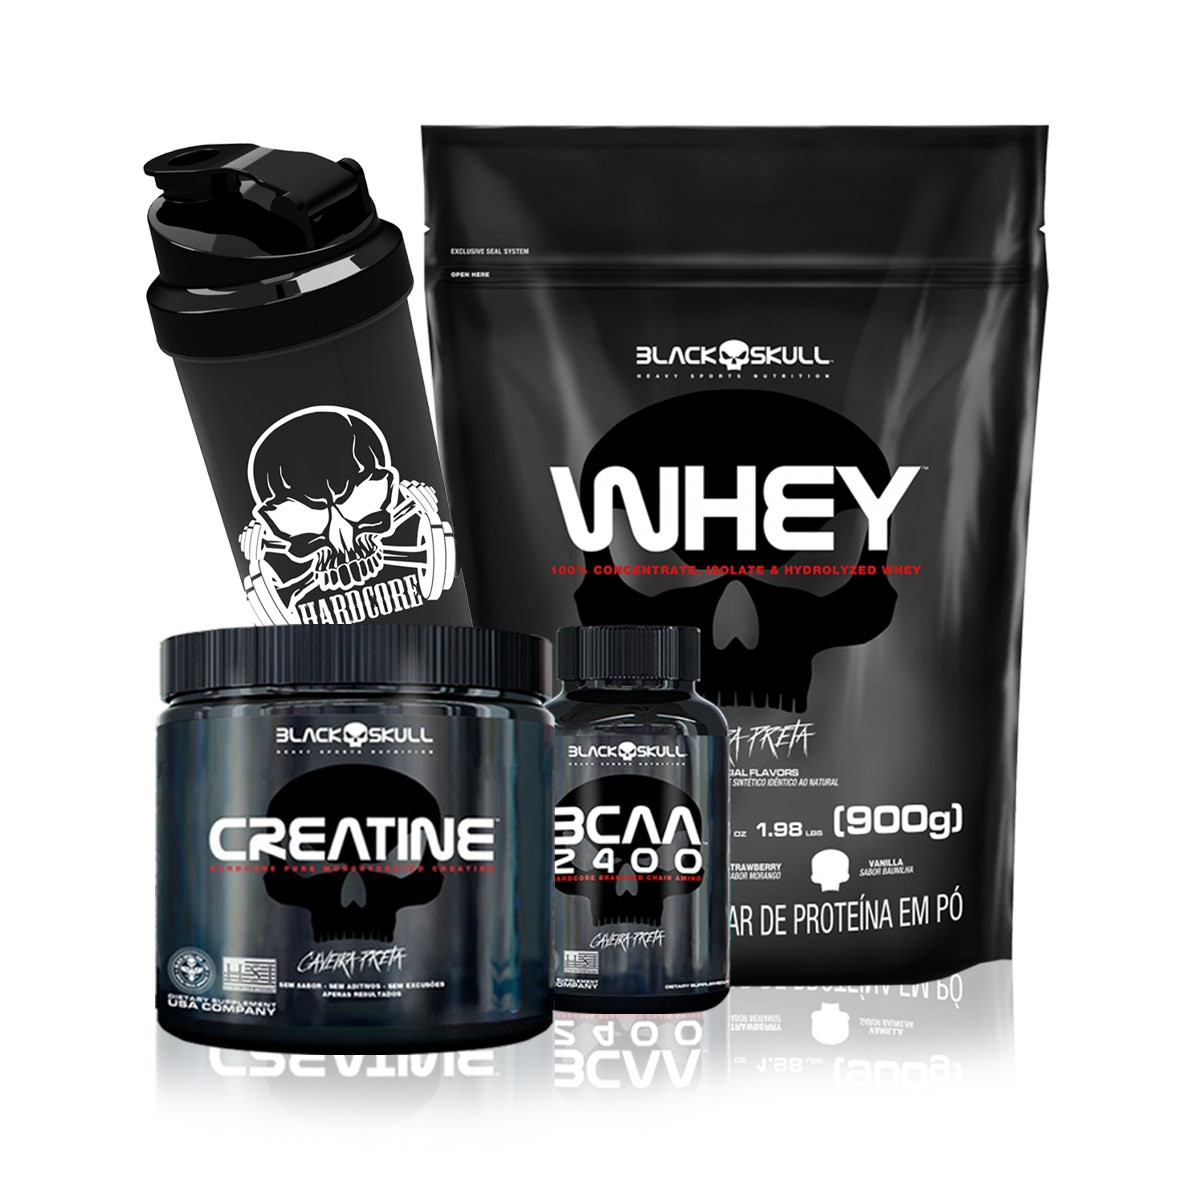 Kit Suplementos Whey + Crea + Bcaa + Coqueteleira - Black Skull